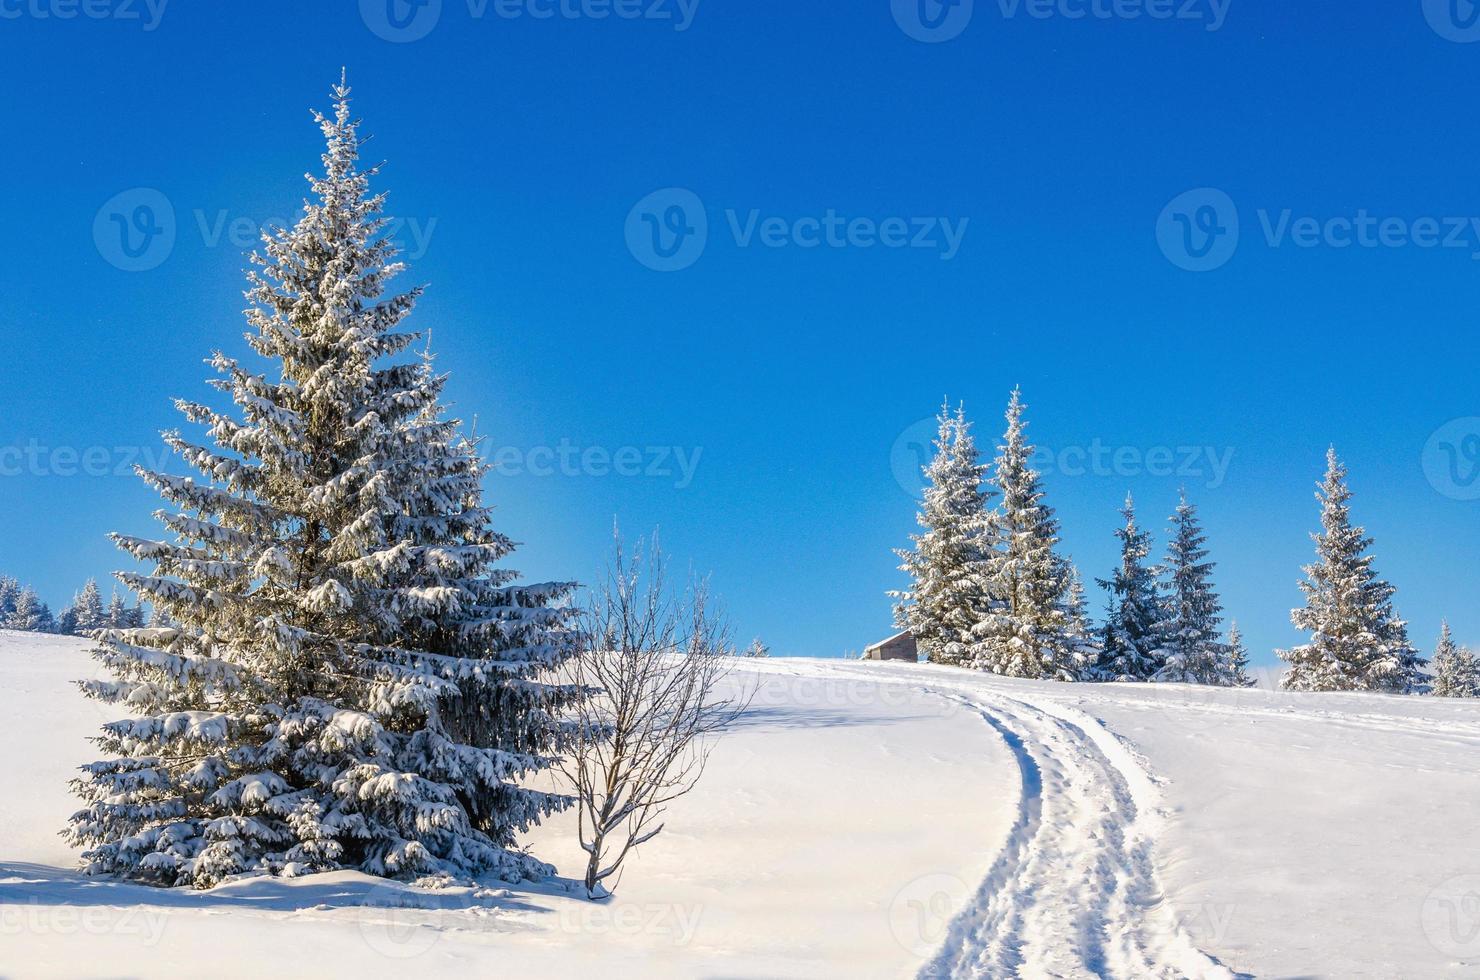 paesaggio invernale da favola con alberi innevati foto